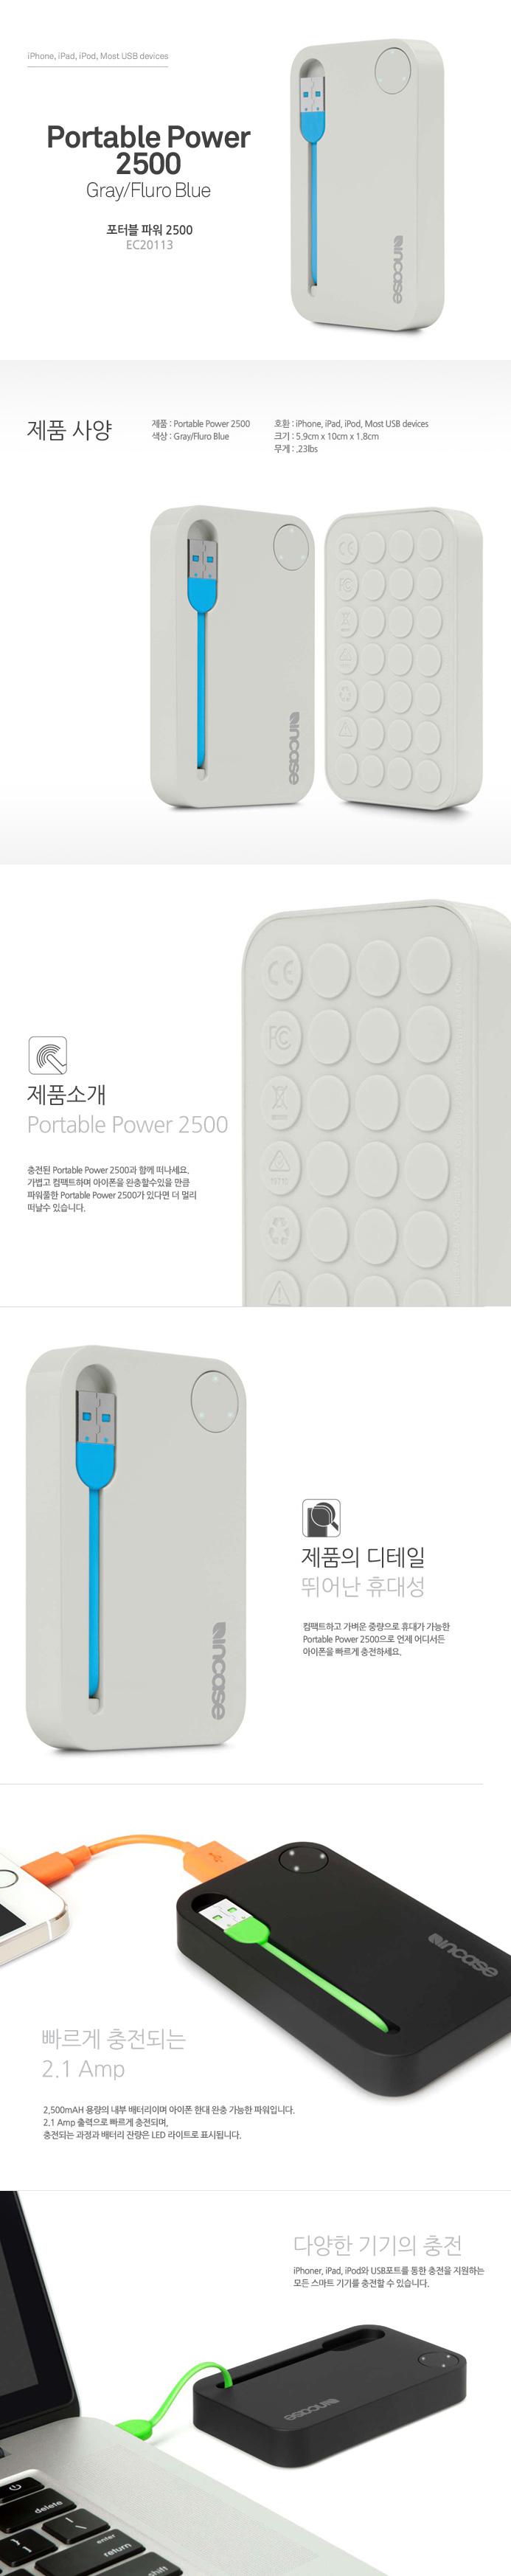 [인케이스]INCASE - Portable Power 2500 EC20113 (Grey/Fluro Blue) 인케이스코리아 정품 AS가능